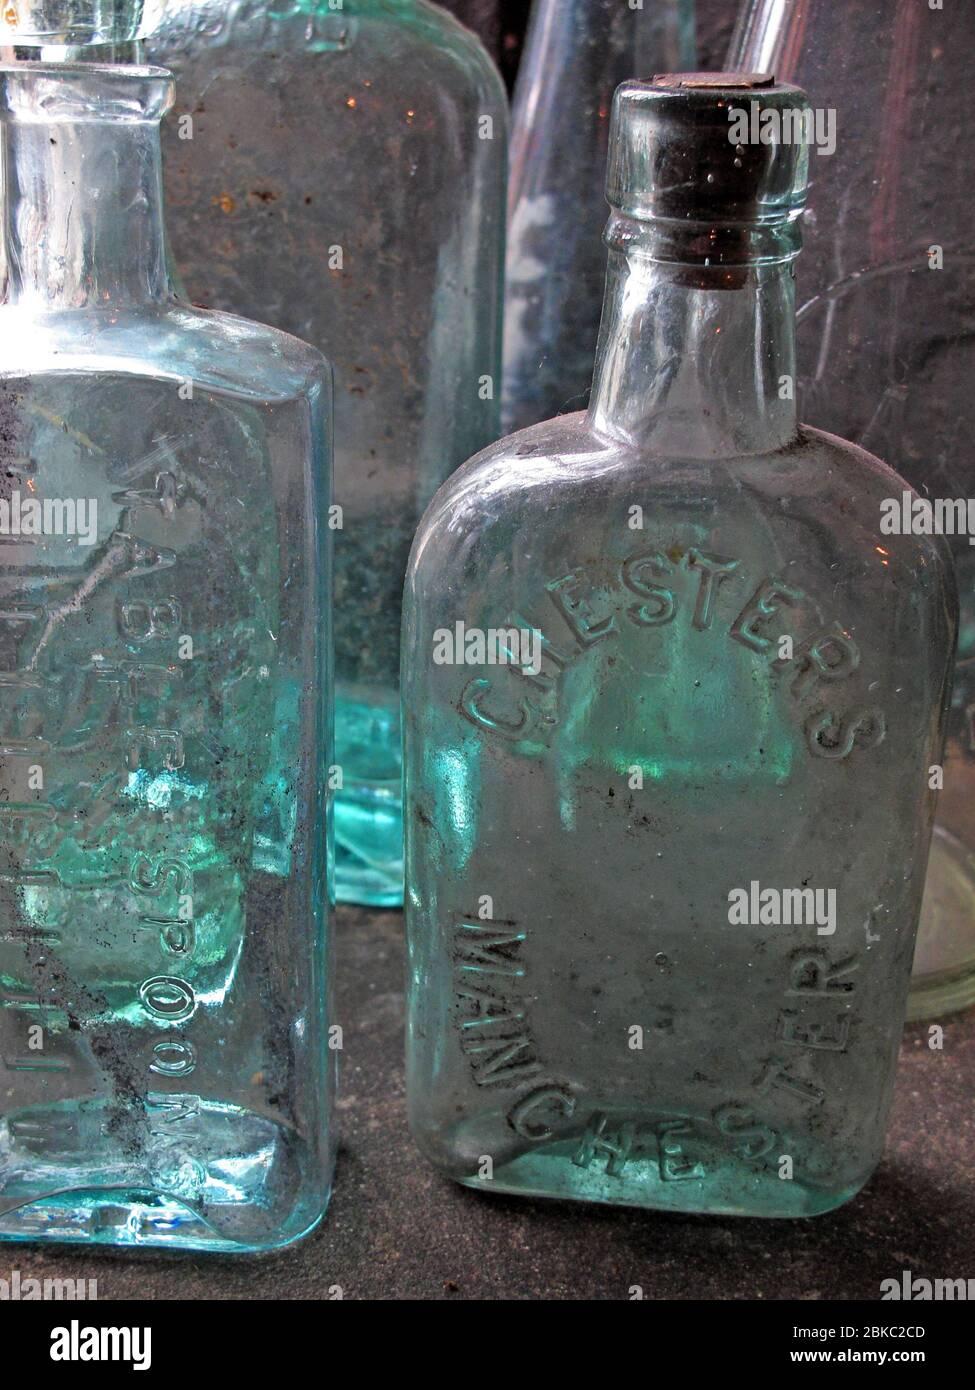 Dieses Stockfoto: Viktorianische Glas Milch und Medizin Flaschen, recyclebar - 2BKC2C